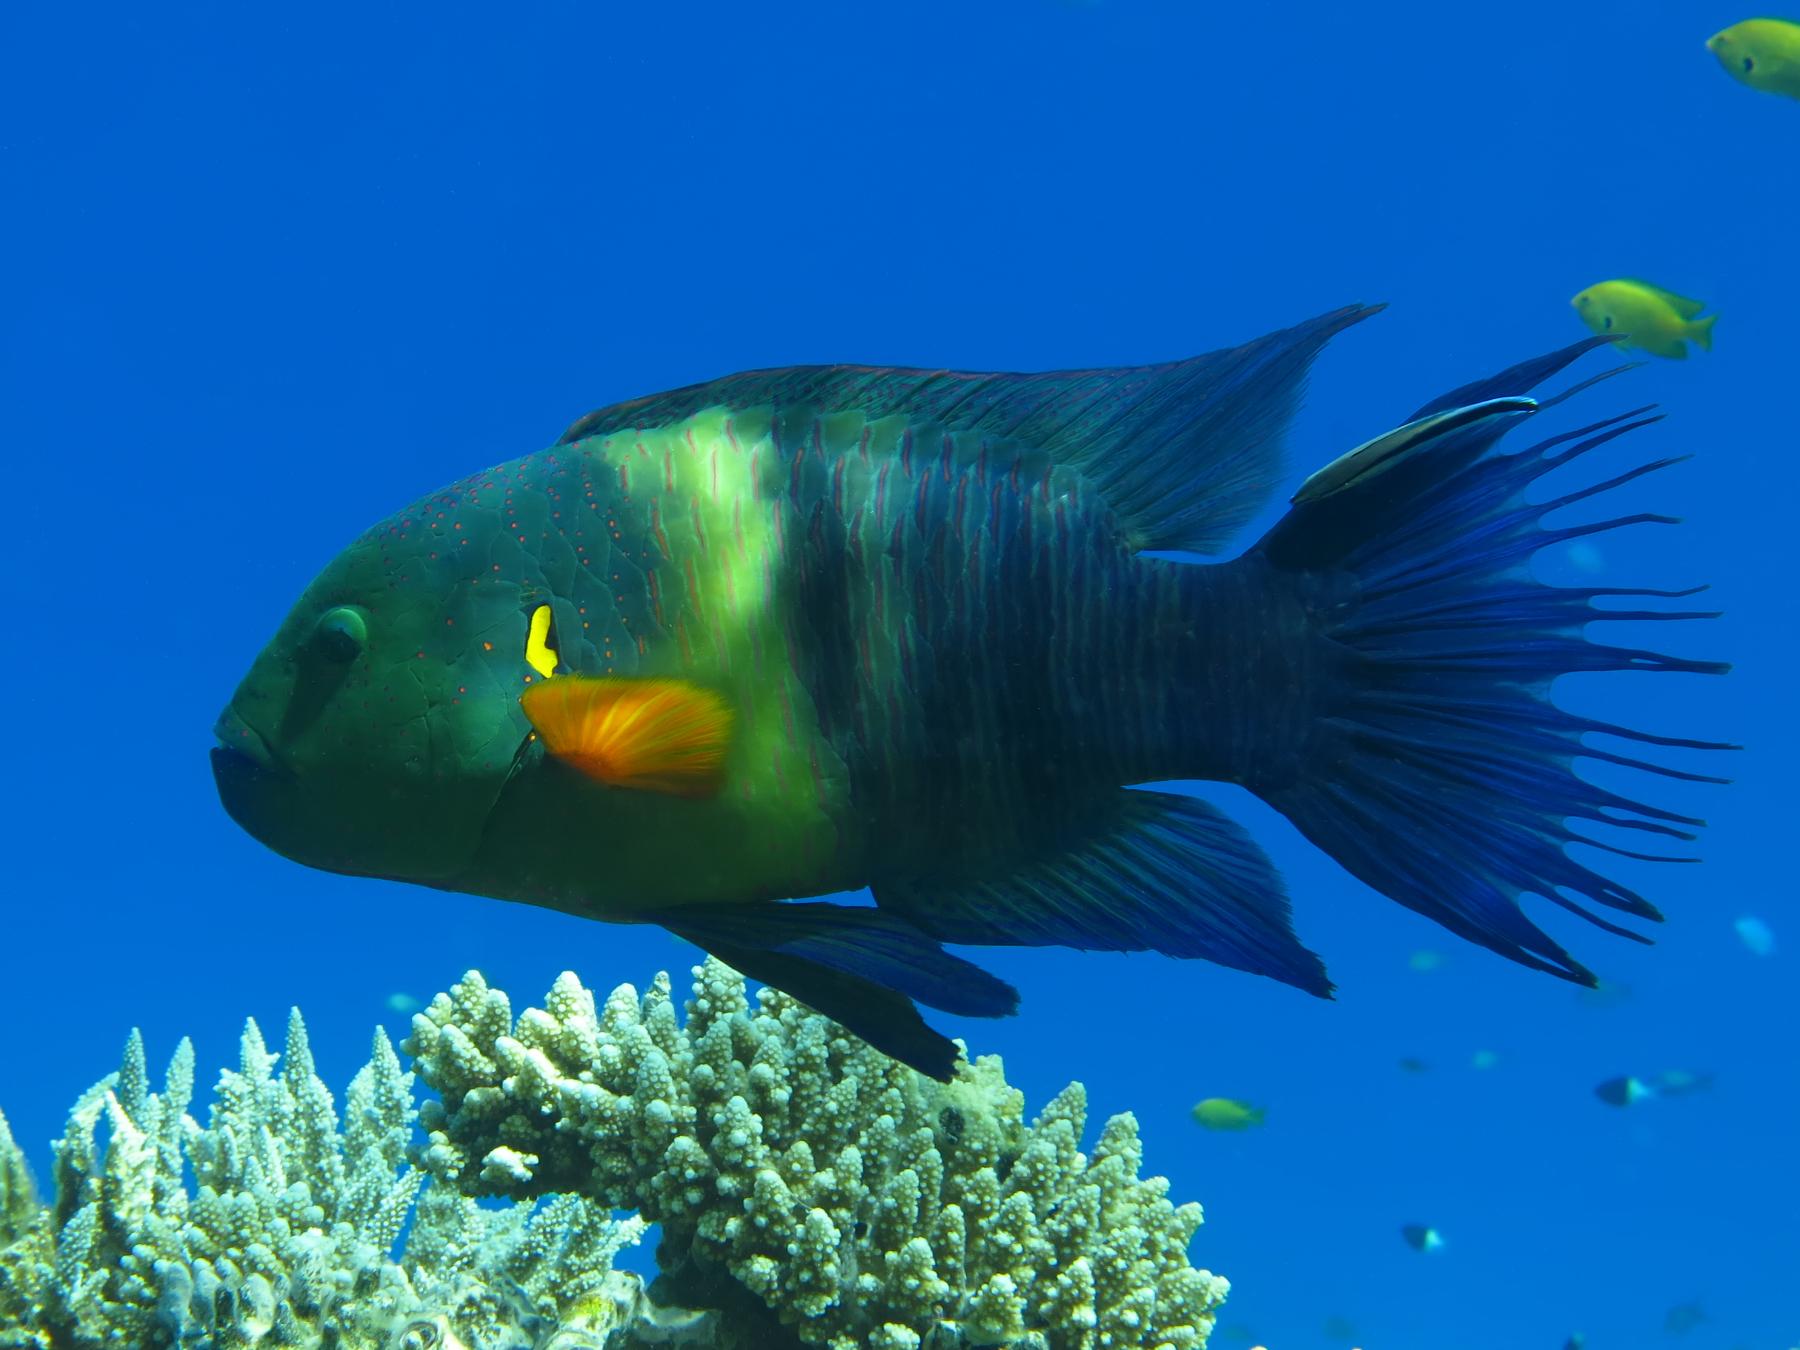 Fische gucken im Vorbeifliegen